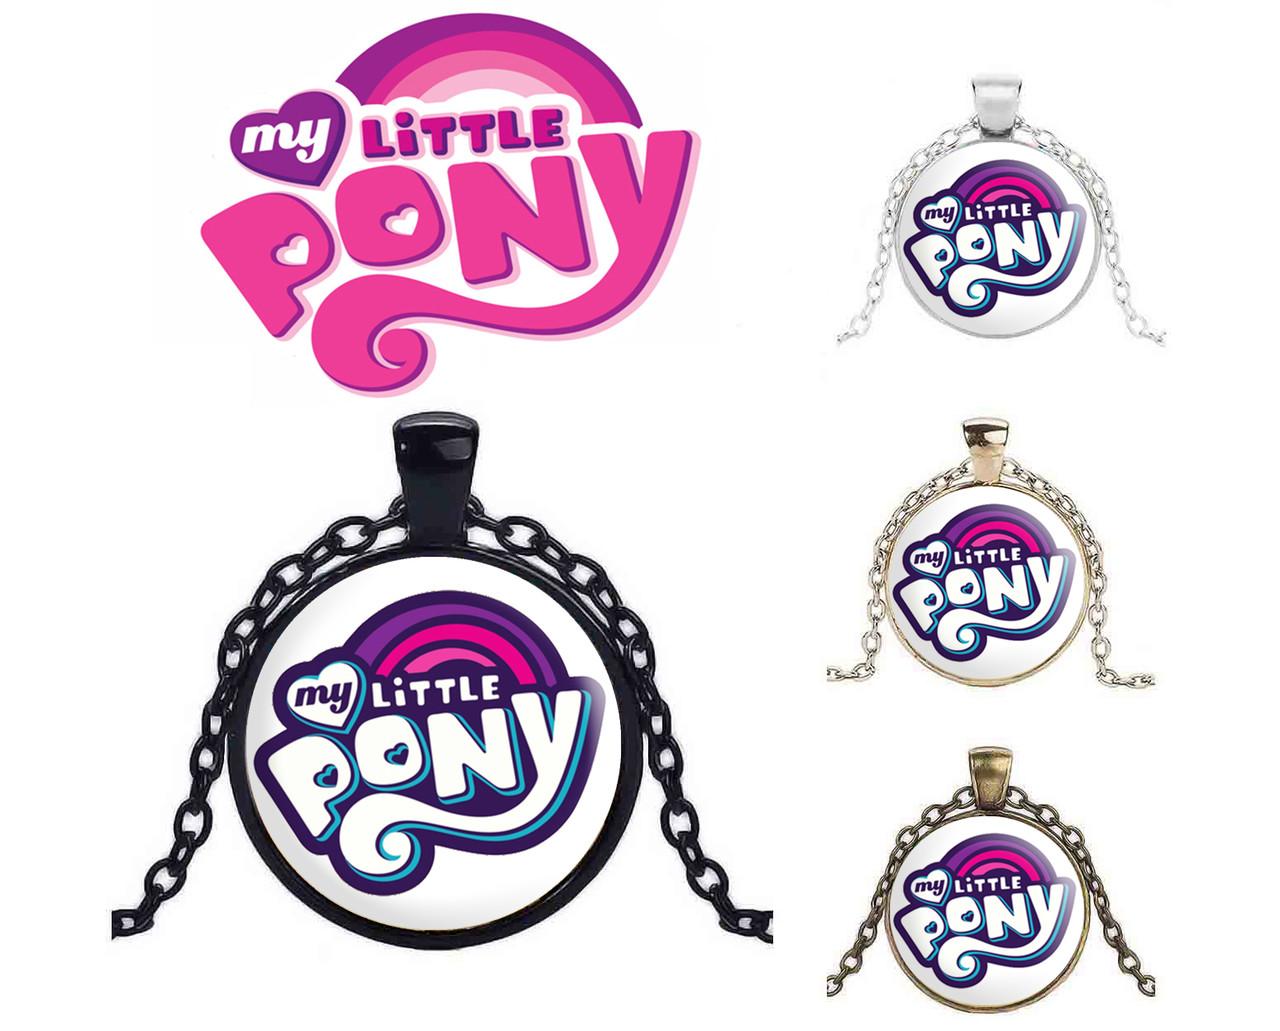 Подвеска My Little Pony с названием мультфильма